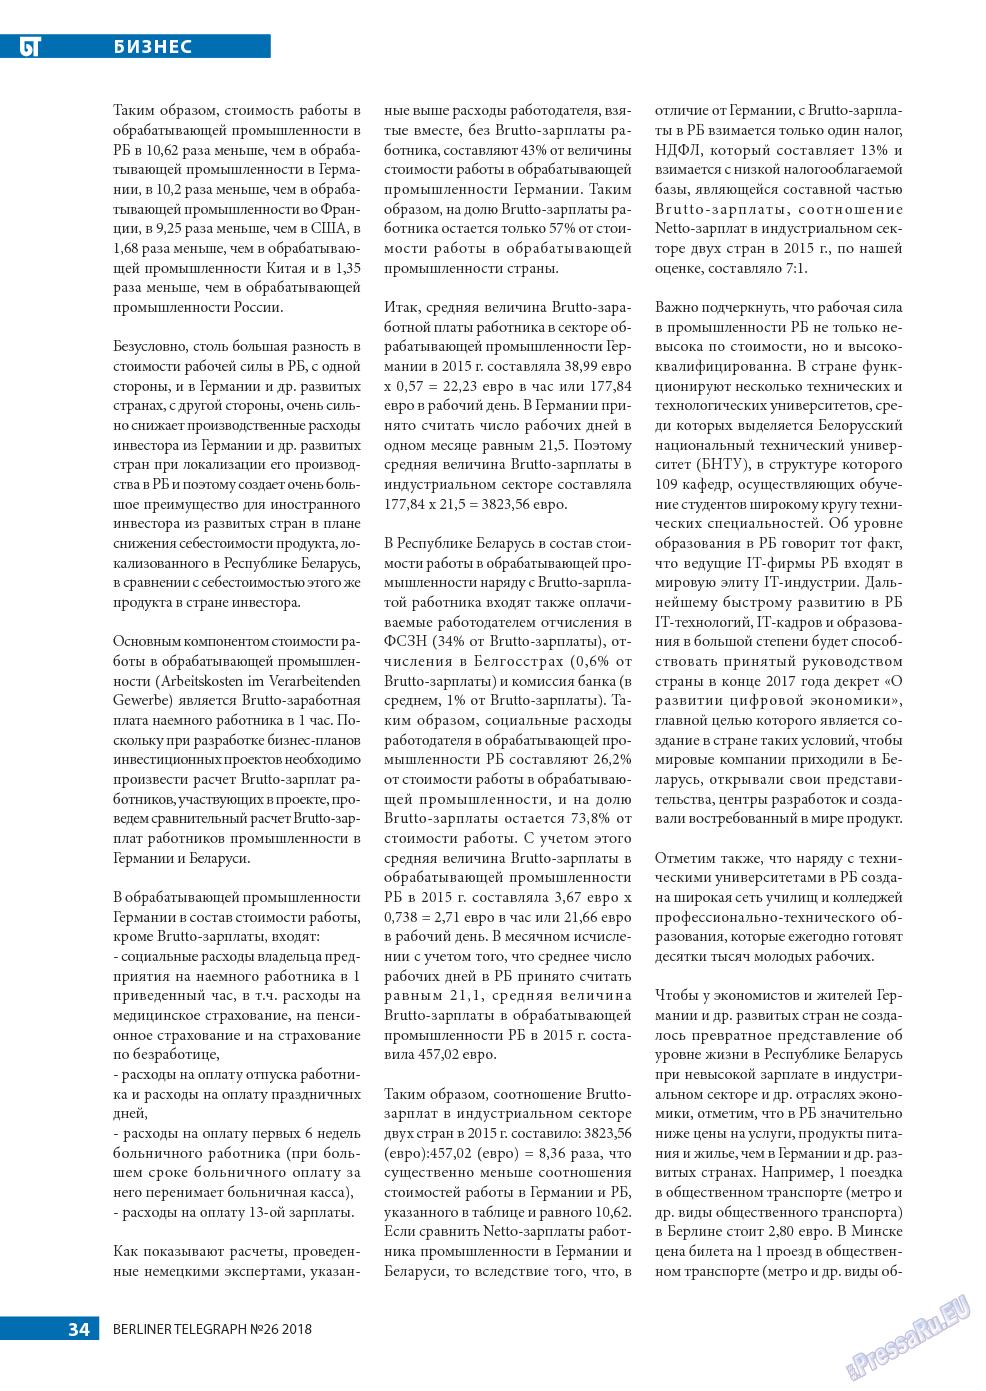 Берлинский телеграф (журнал). 2018 год, номер 26, стр. 34